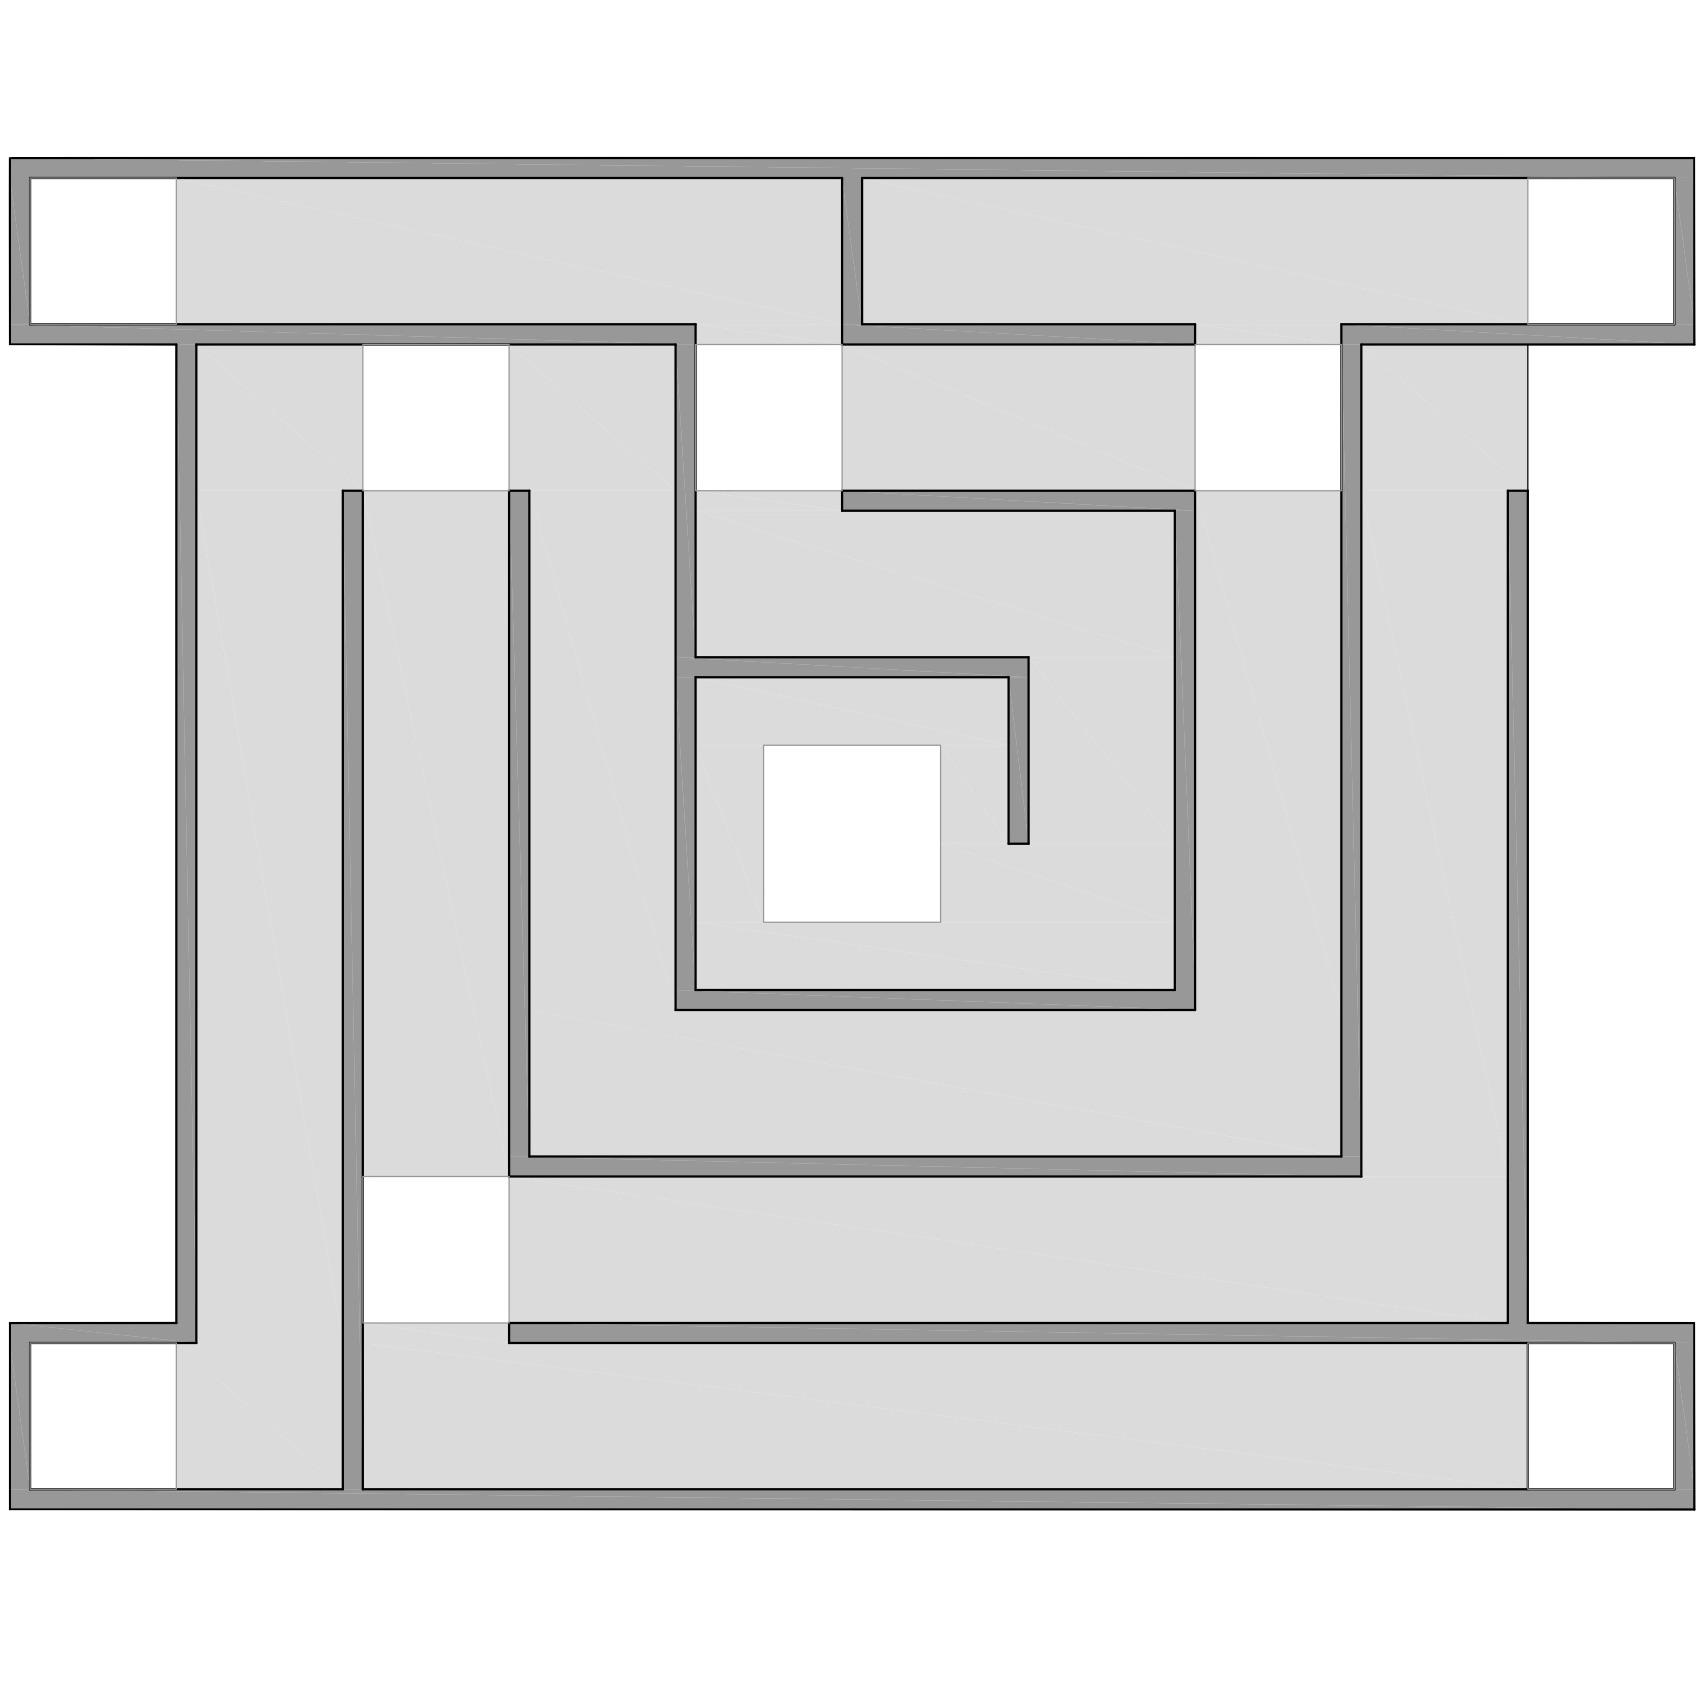 🅒 Labyrinth, Jamila Lamrani 2012